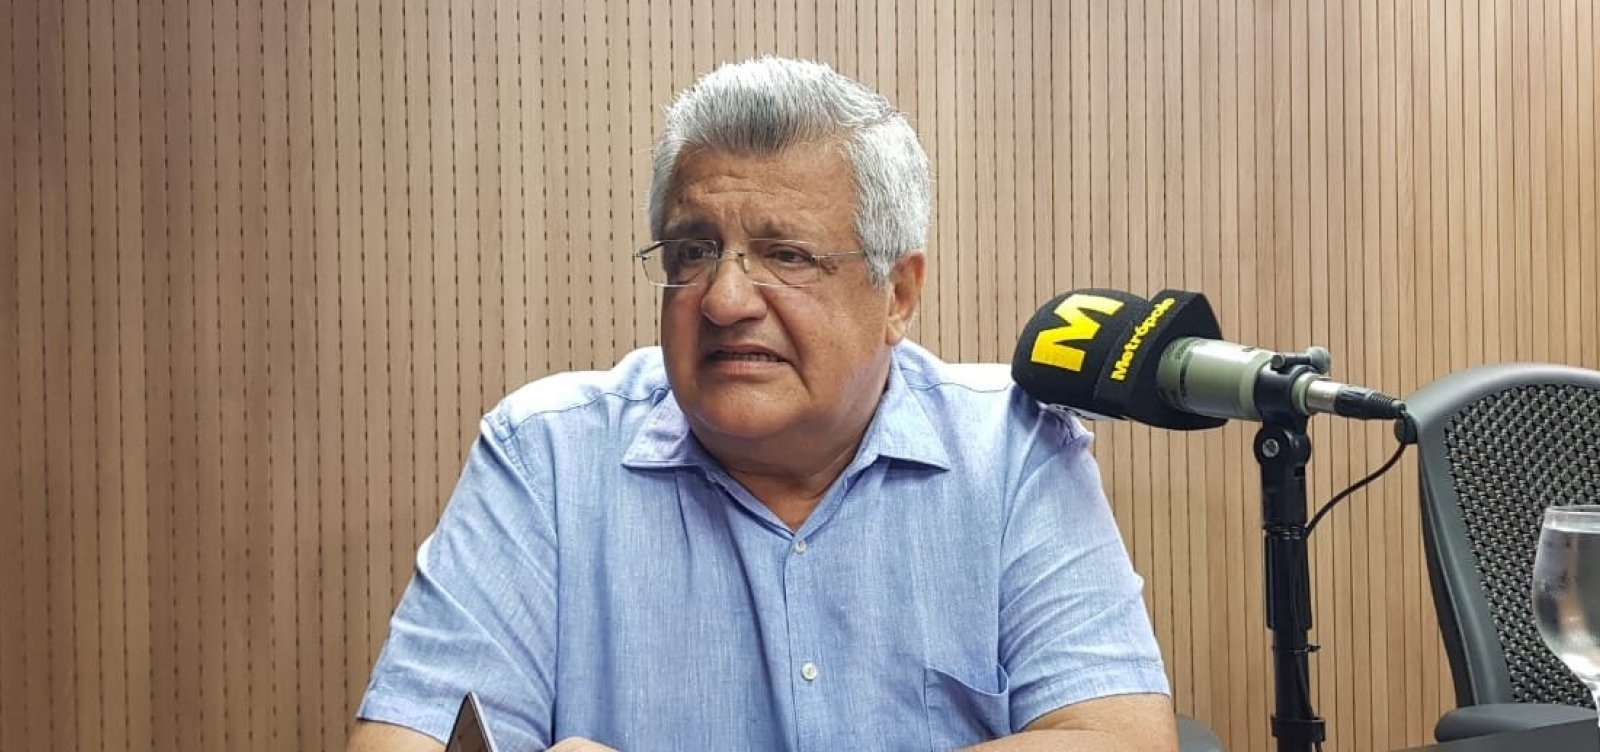 Bacelar lança pré-candidatura à prefeitura de Salvador e avalia Isidório na vice